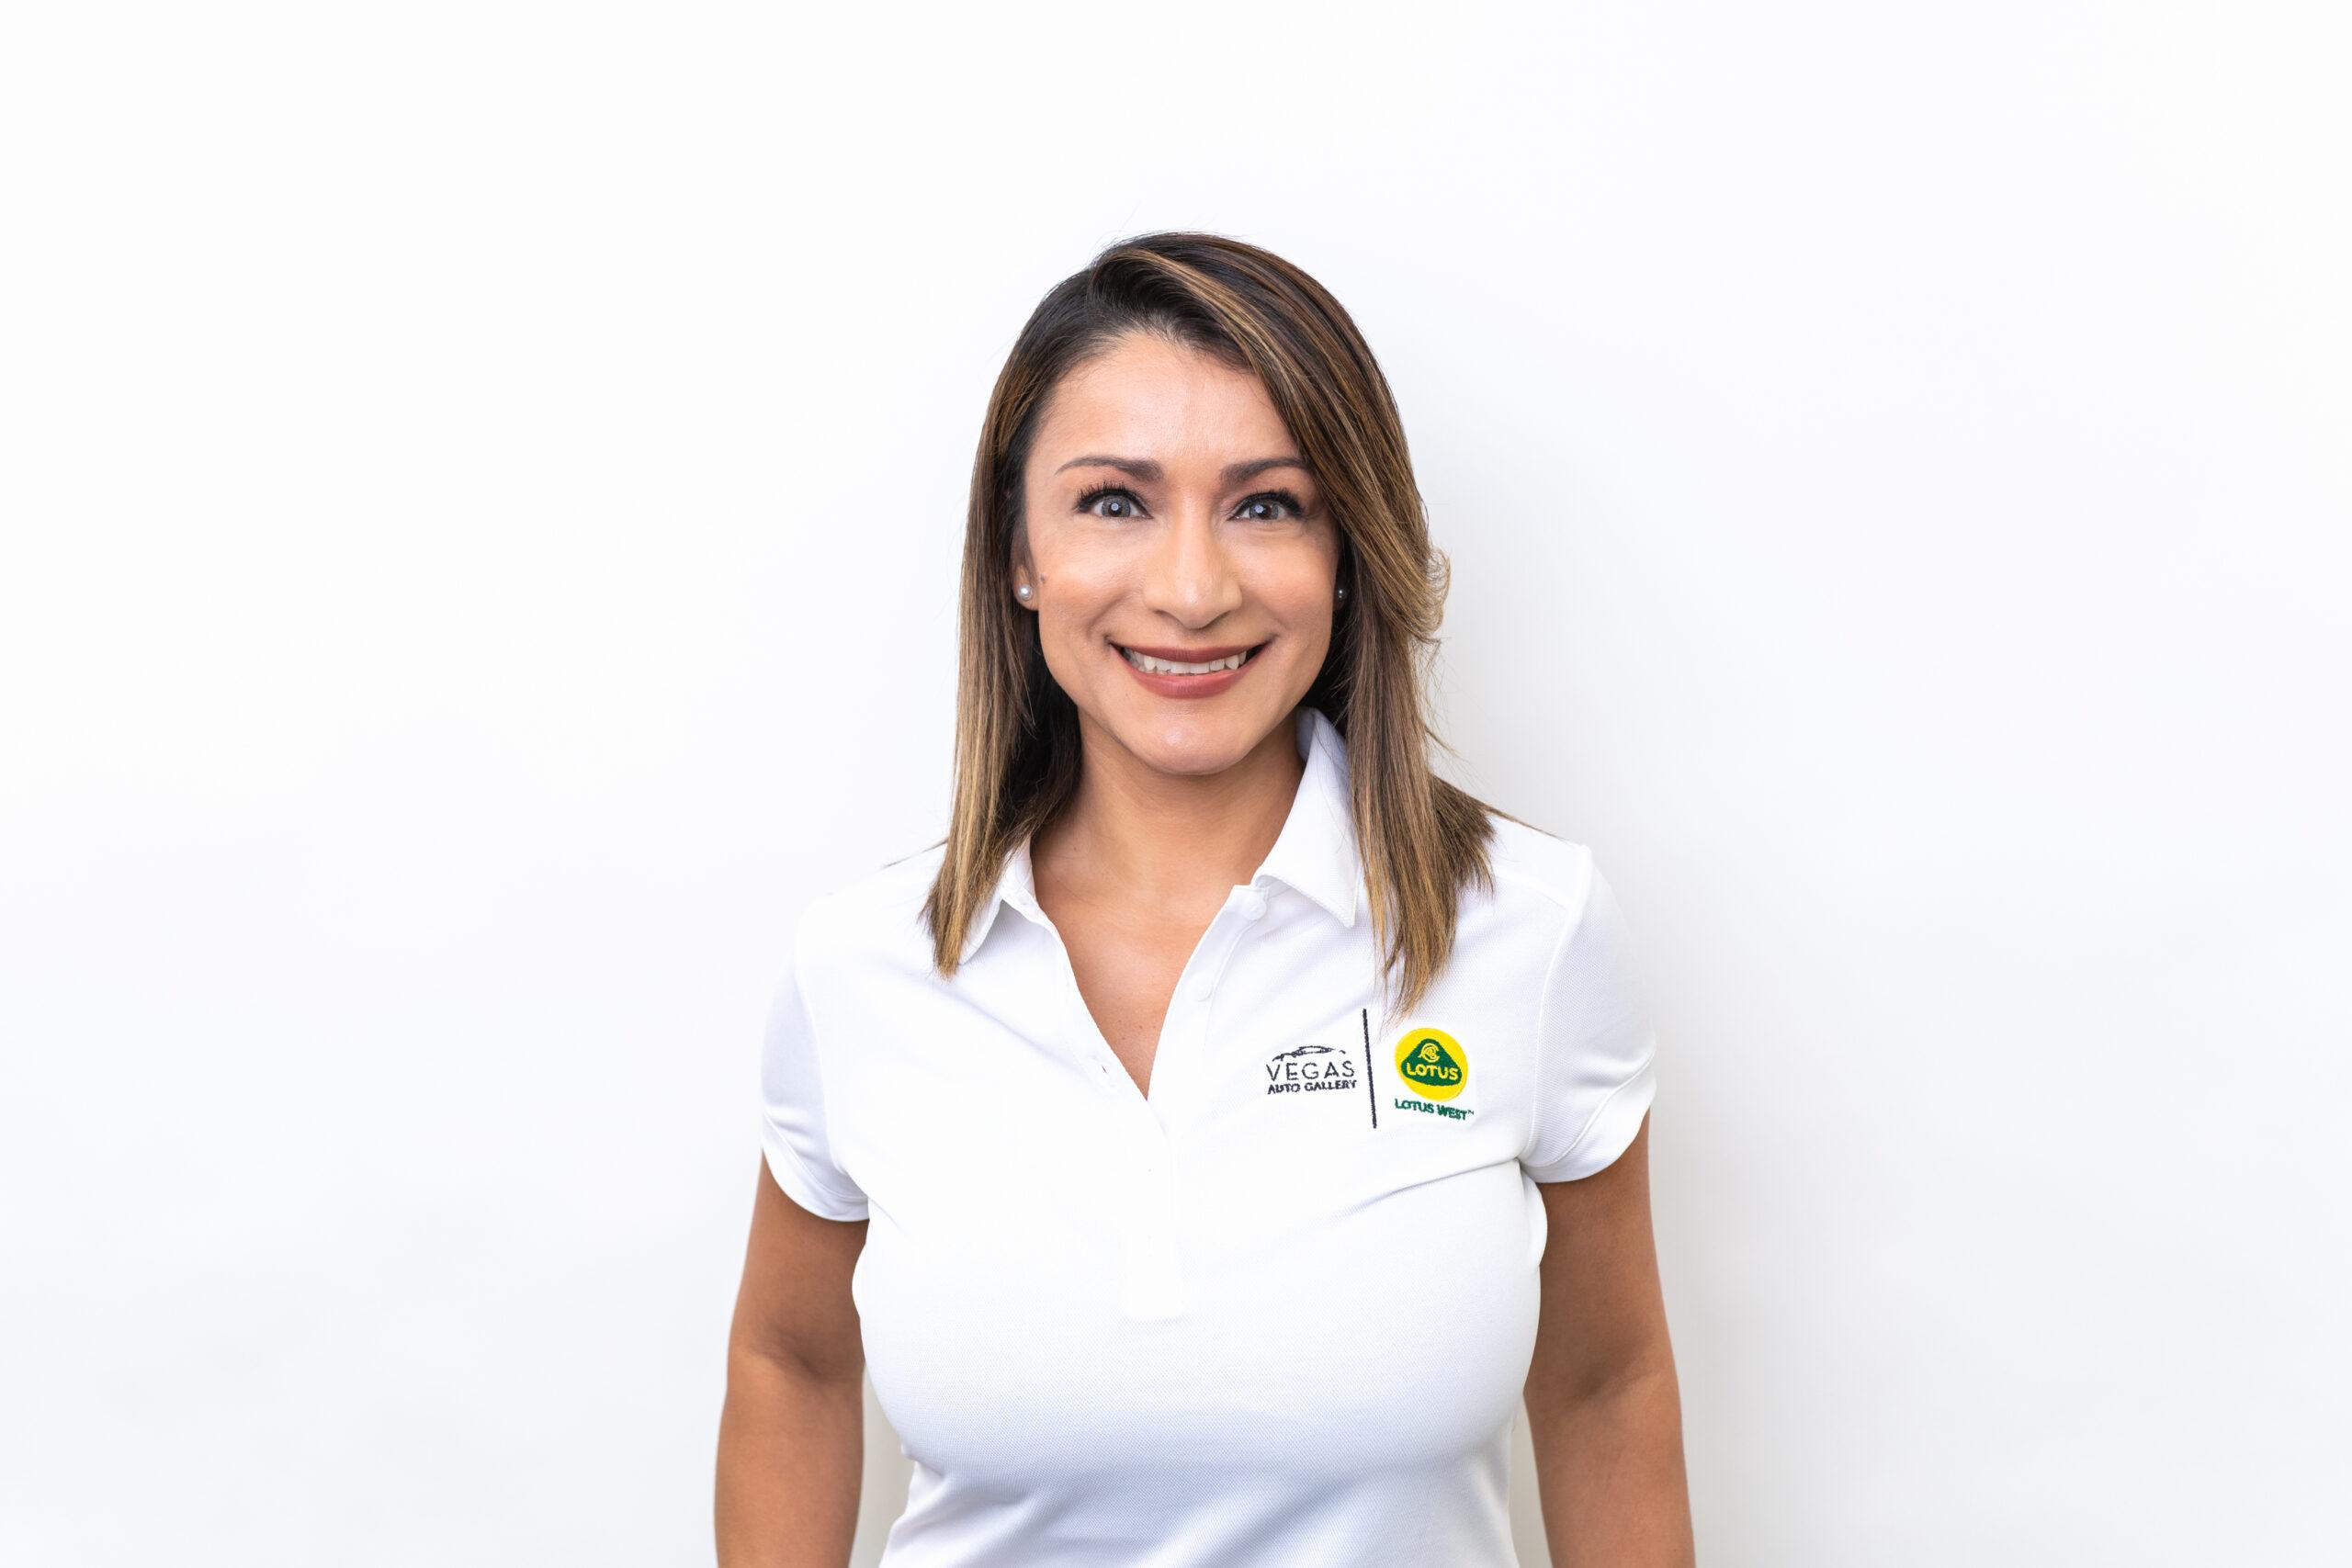 Sabrina Perea